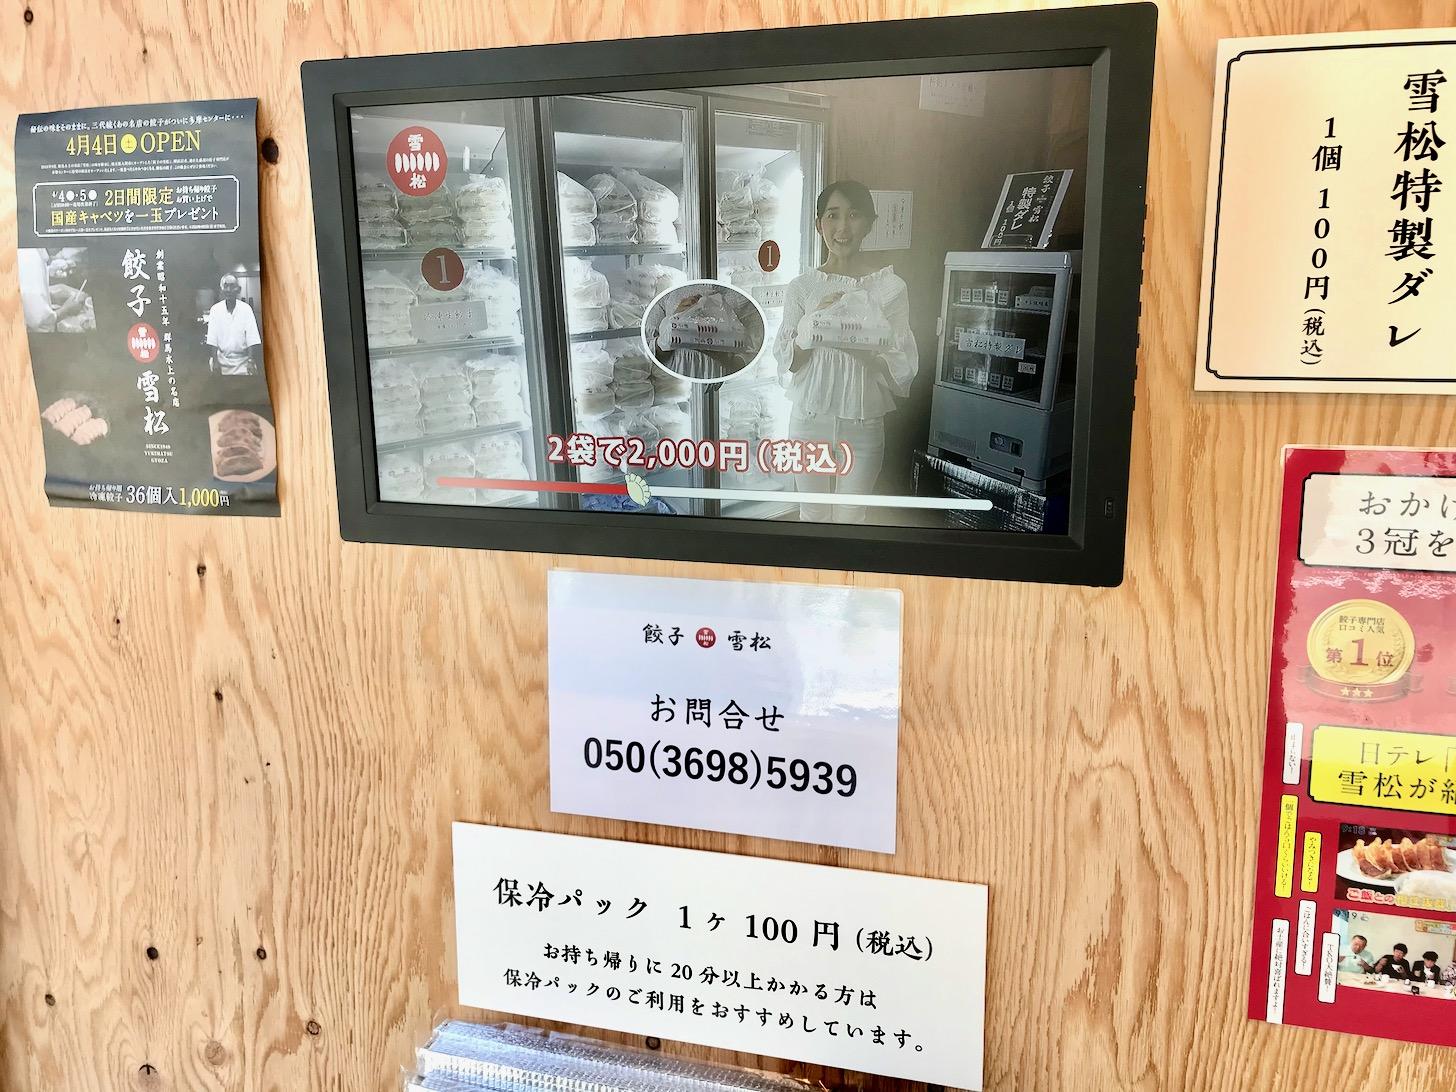 餃子の雪松 餃子の買い方 モニター